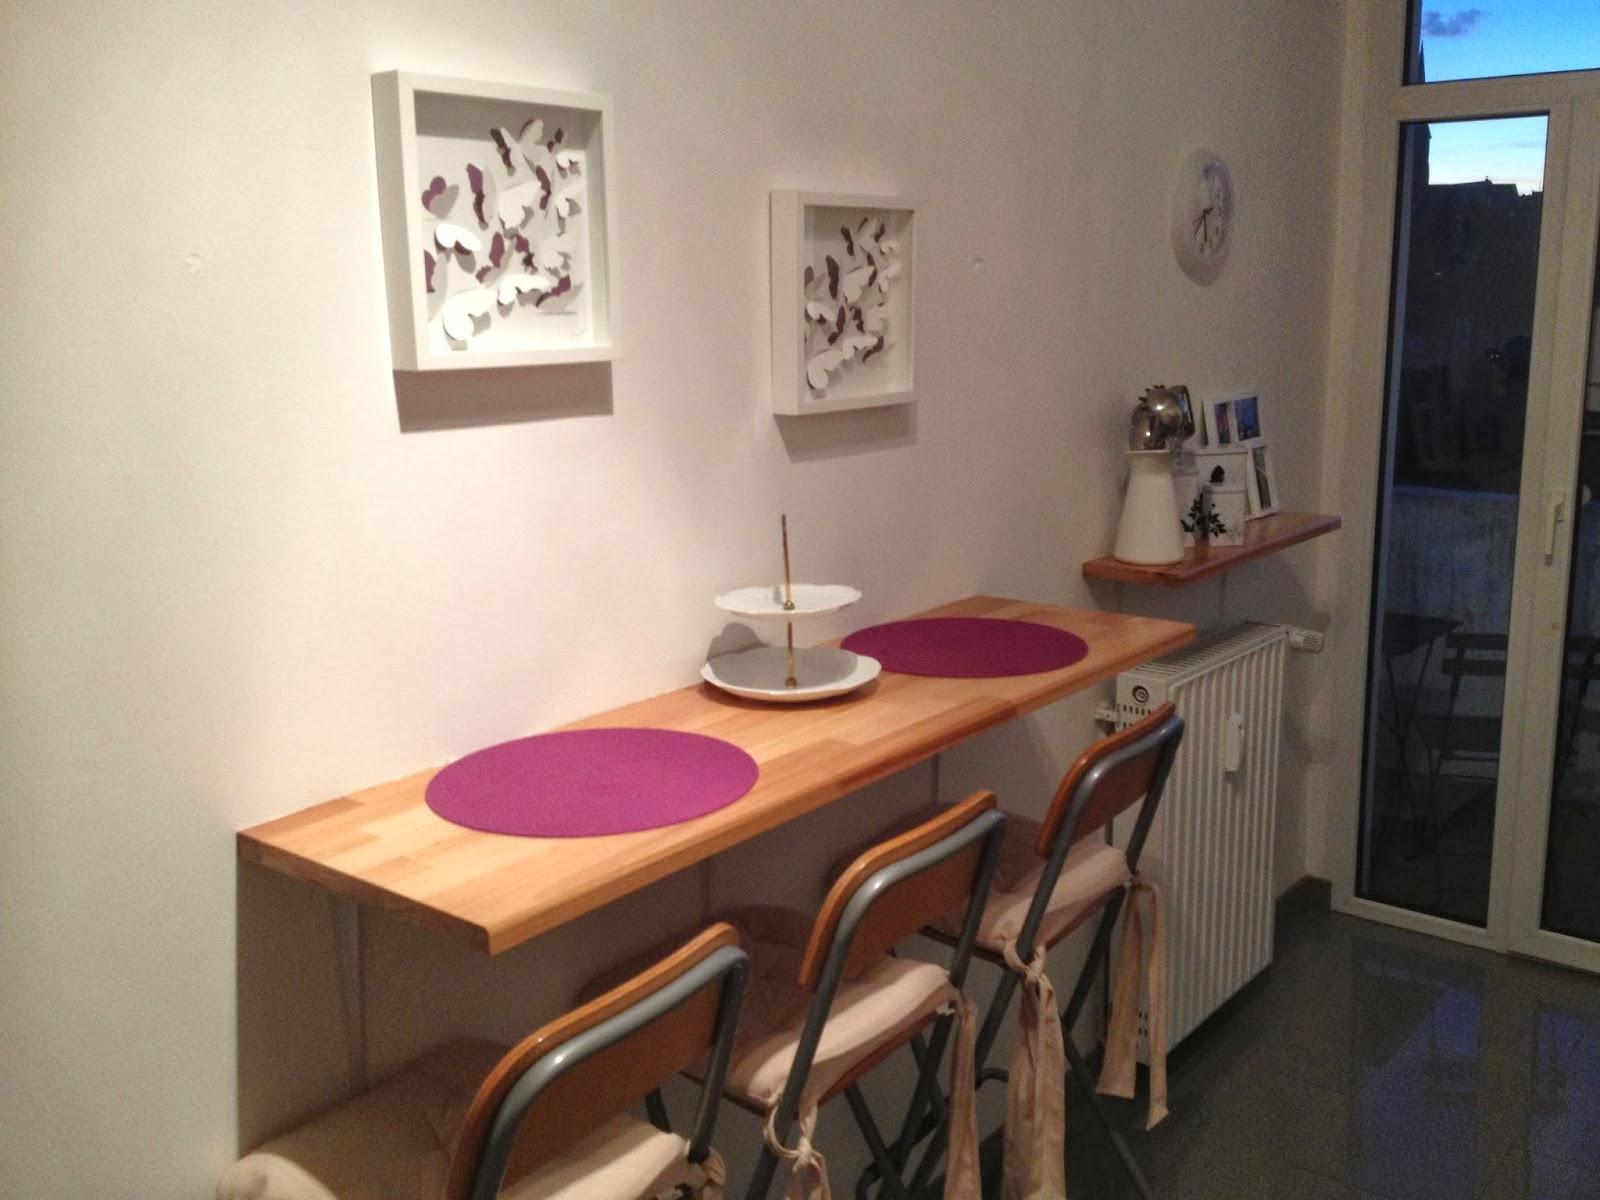 Tisch Für Kleine Küche | Essgruppe Fur Kleine Kuchen Stuhl Fur Esstisch Schon Esstisch Fur